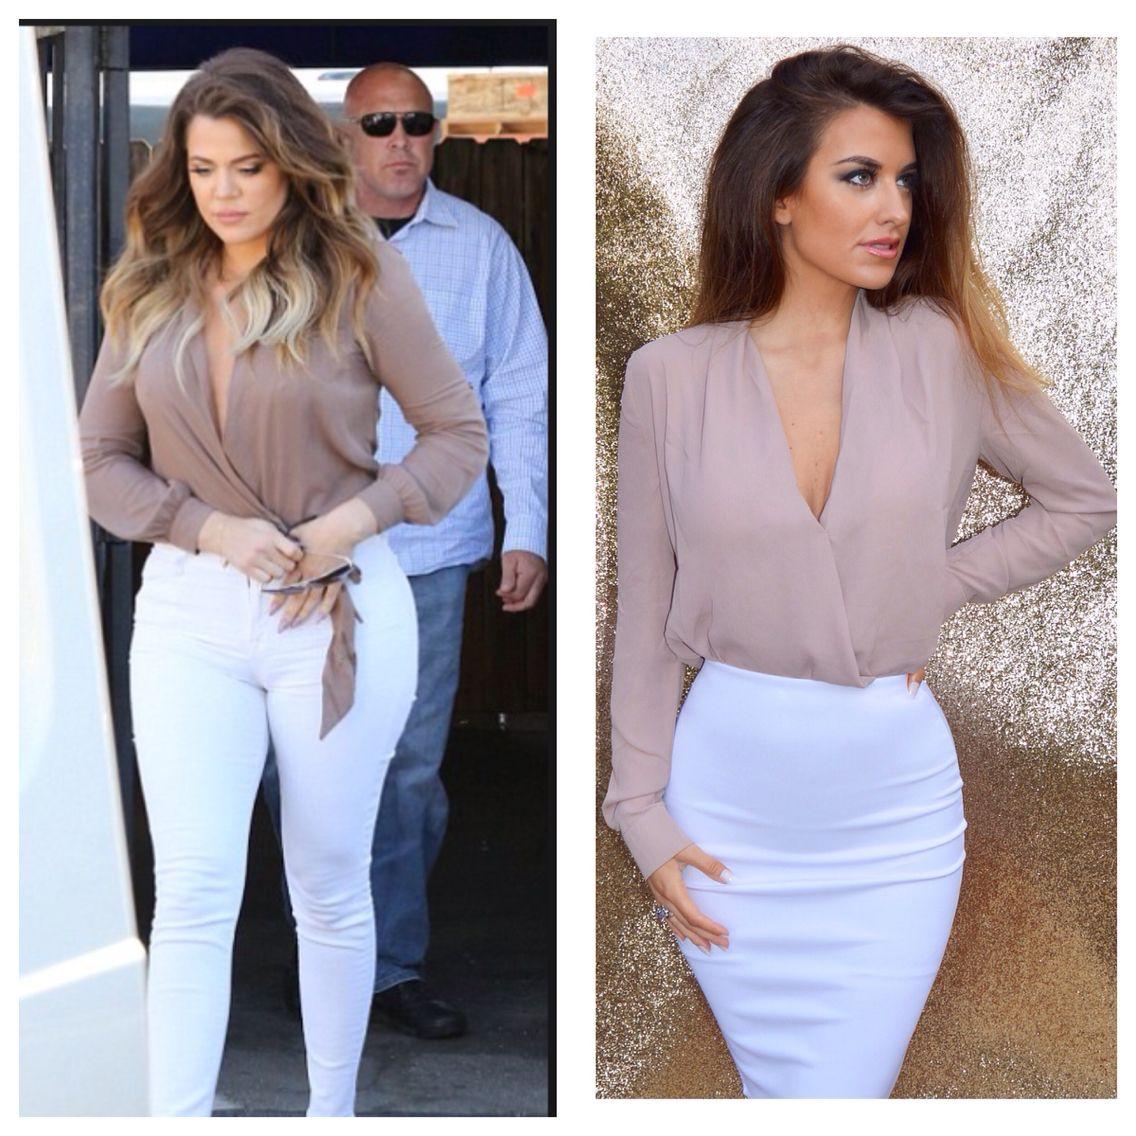 a754774311 Khloe kardashian style nude wrap blouse Celebrity style clothing  www.05boutique.co.uk